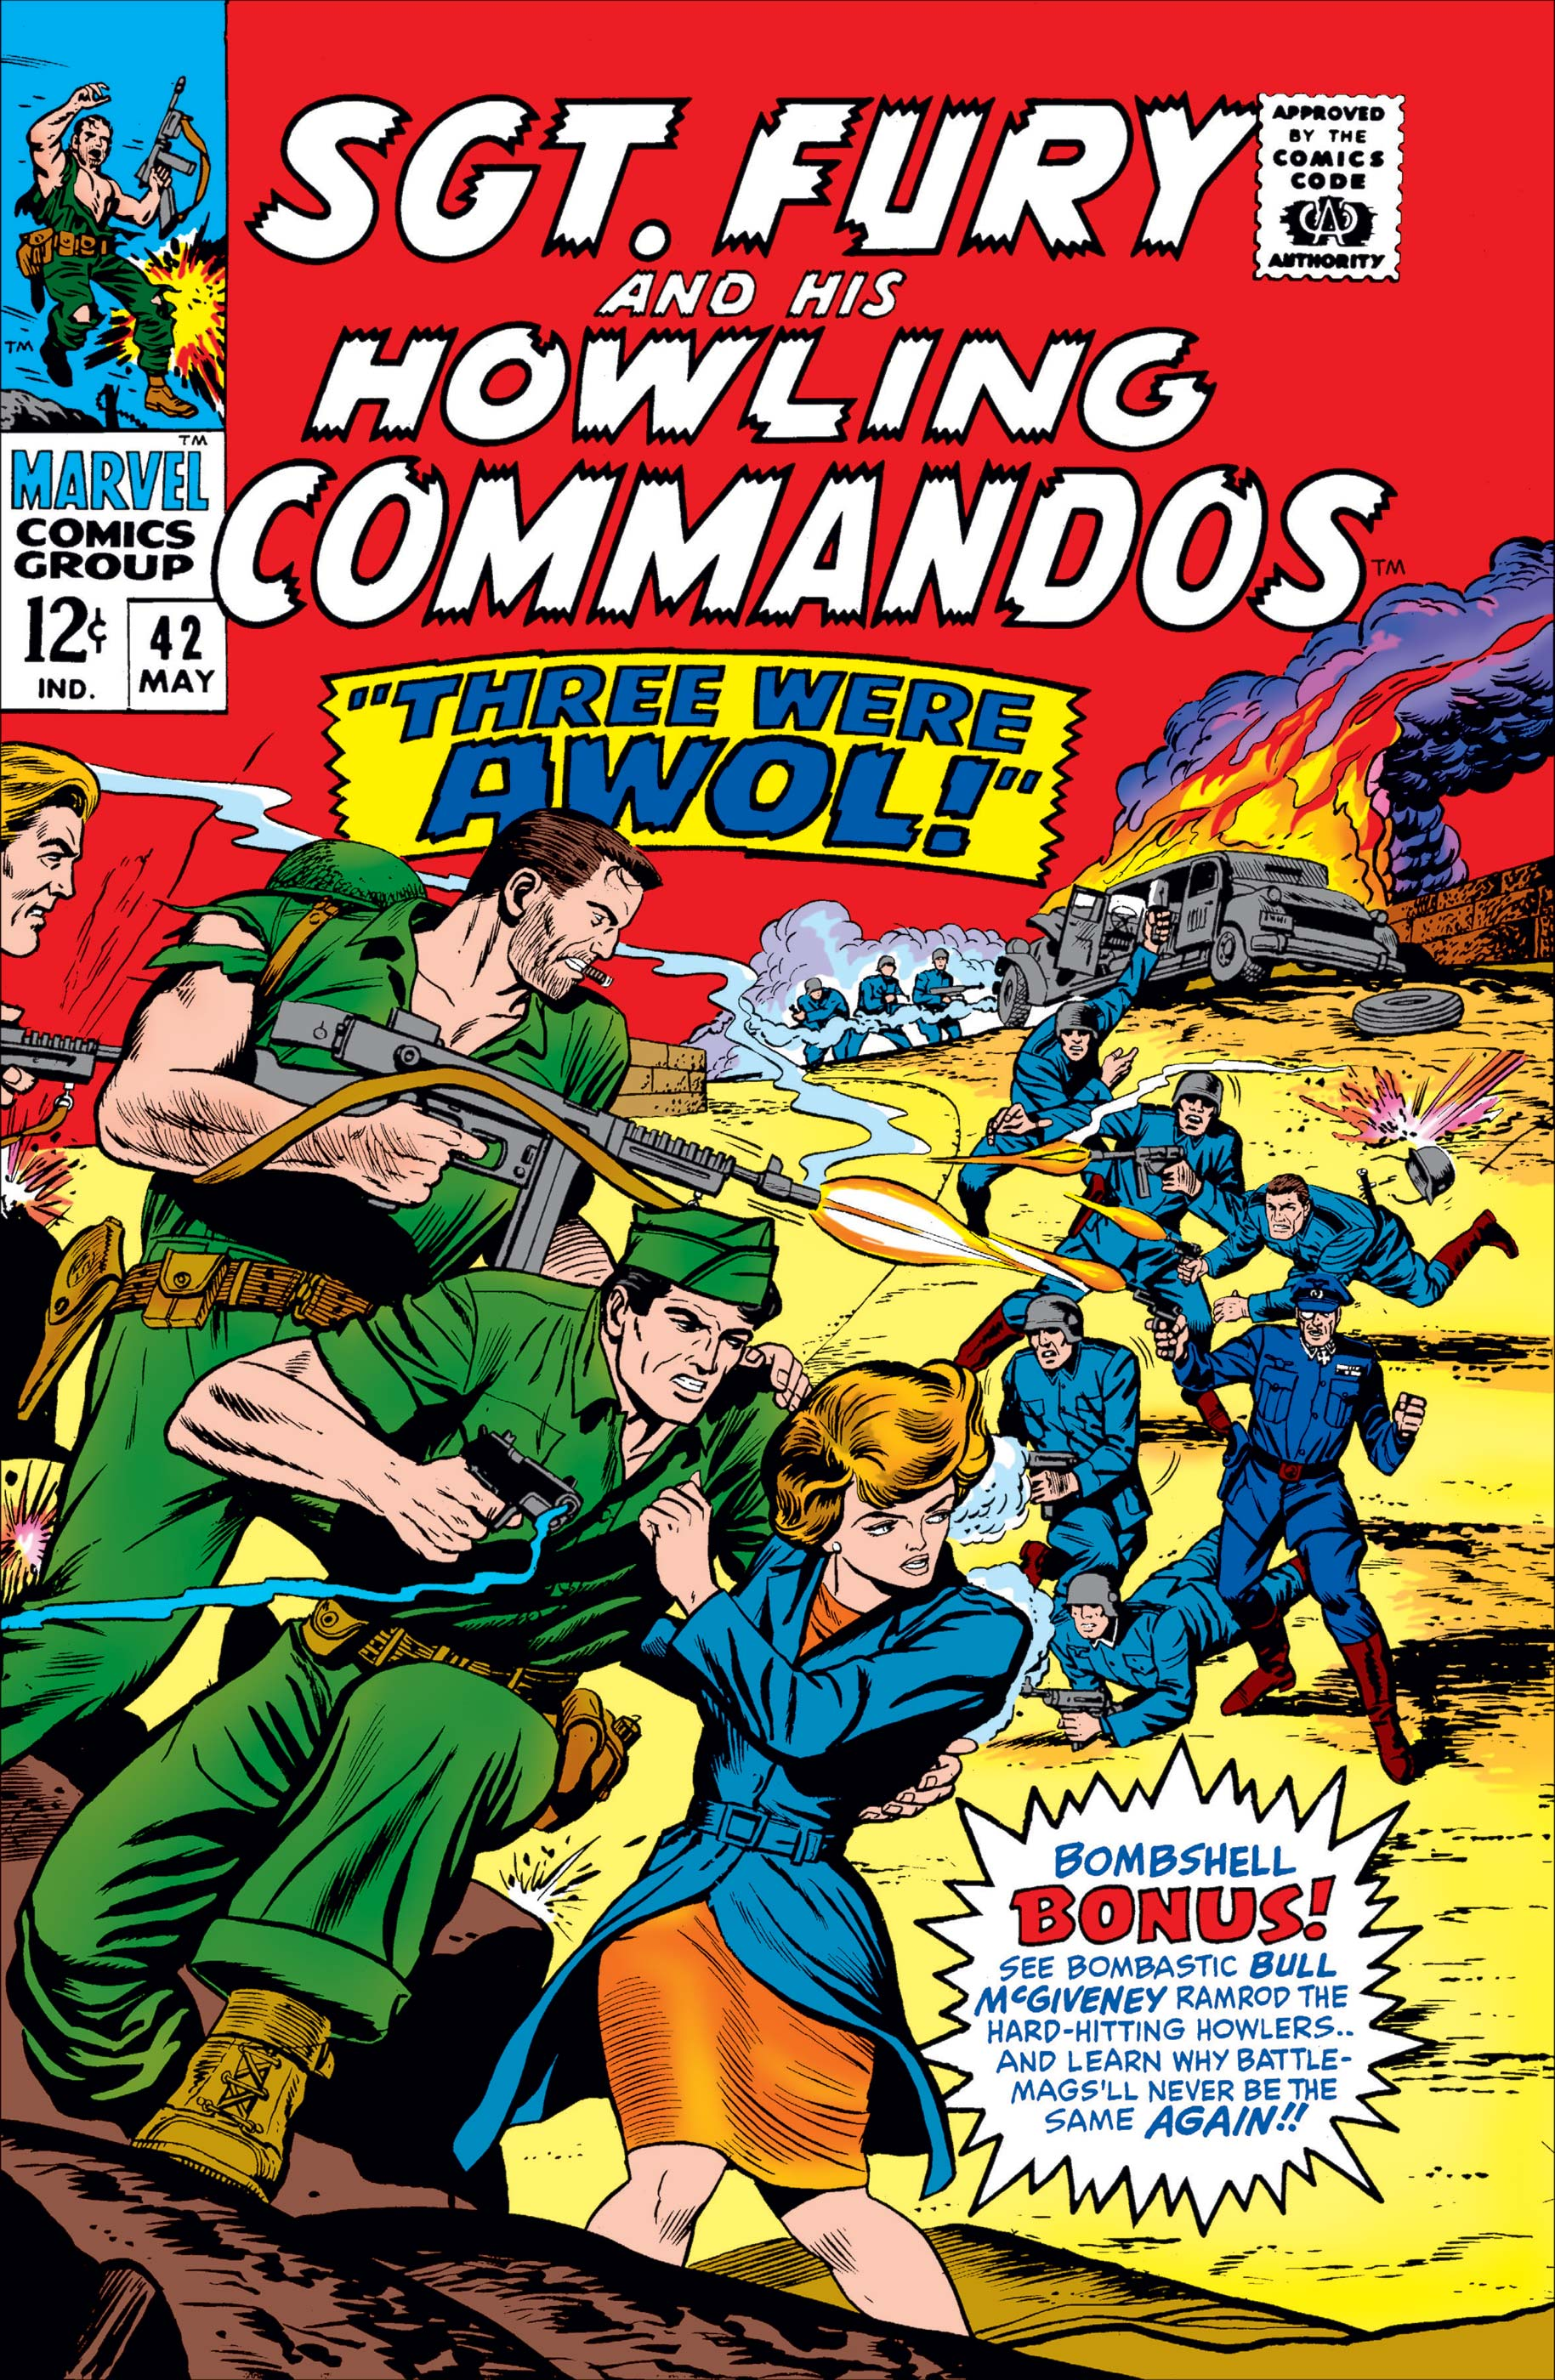 Sgt. Fury (1963) #42